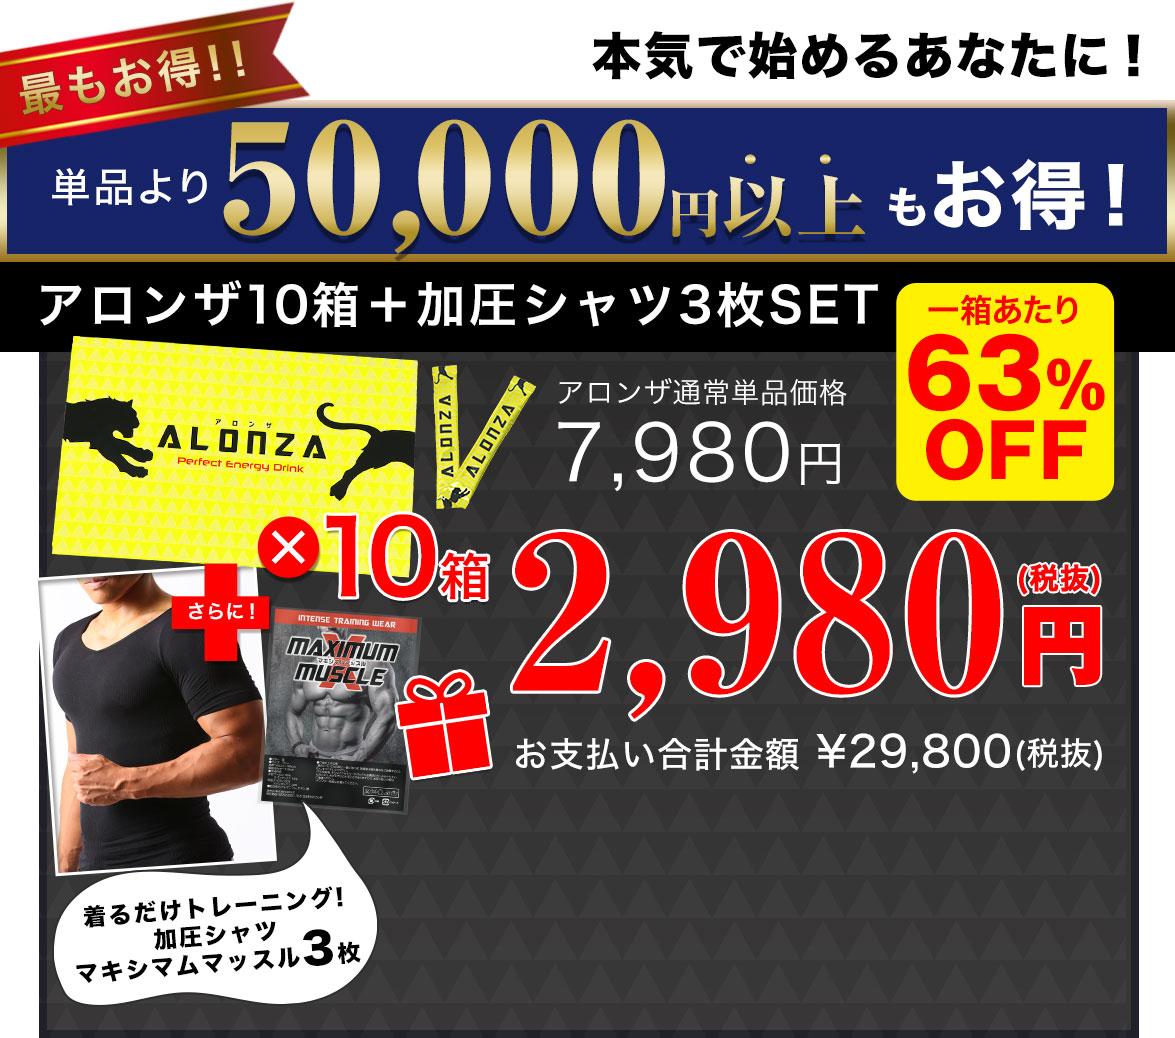 本気で始めるあなたに! 50000円以上もお得!アロンザ10箱x加圧シャツ3枚セット63%OFF